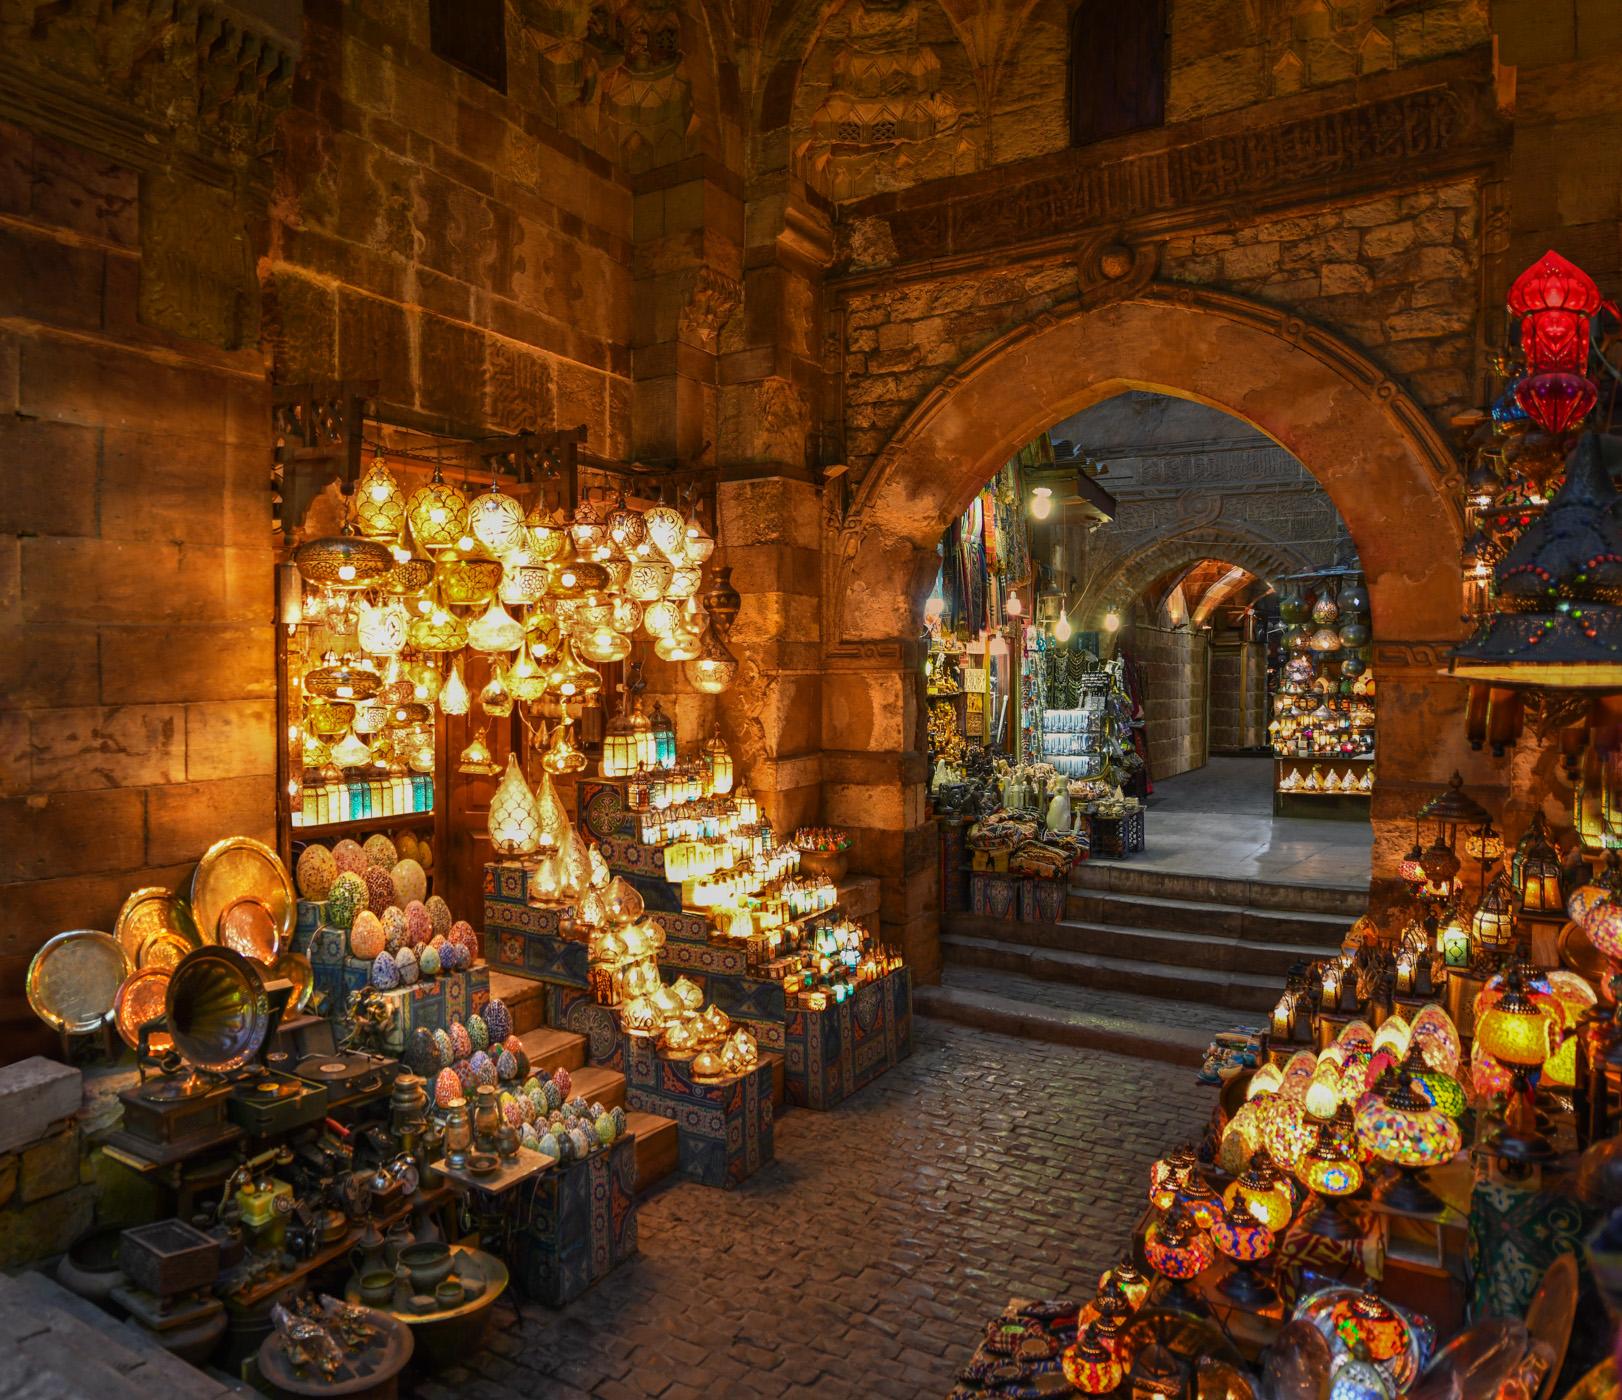 The St. Regis Cairo